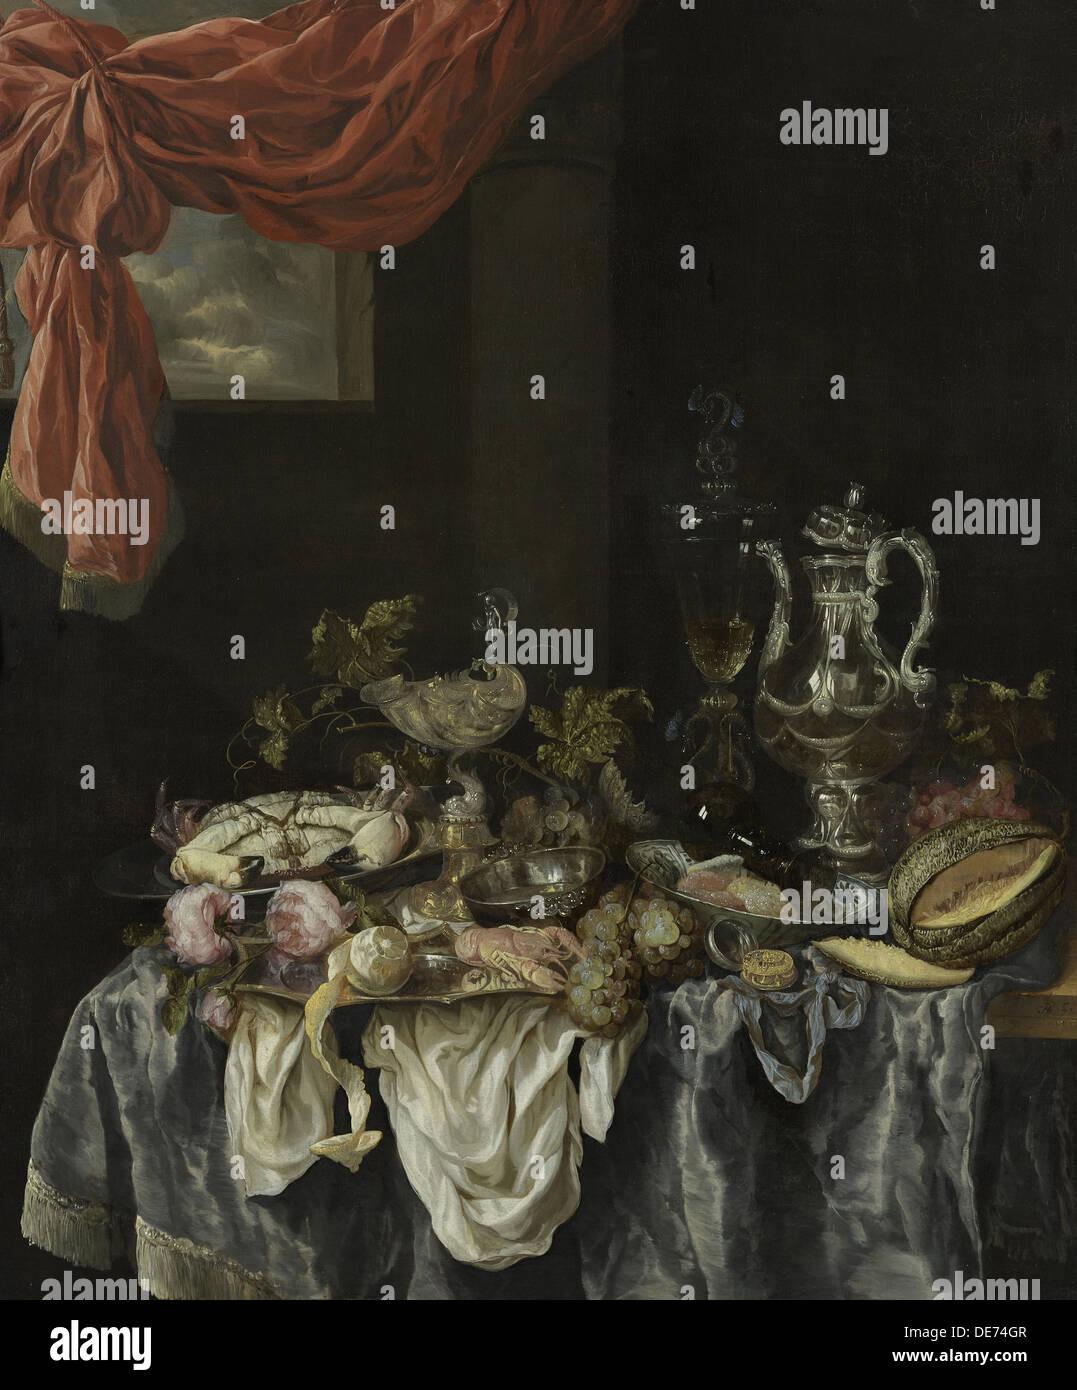 Suntuoso bodegón, 1654. Artista: Beijeren, Abraham Hendricksz, van (1620/21-1690) Imagen De Stock